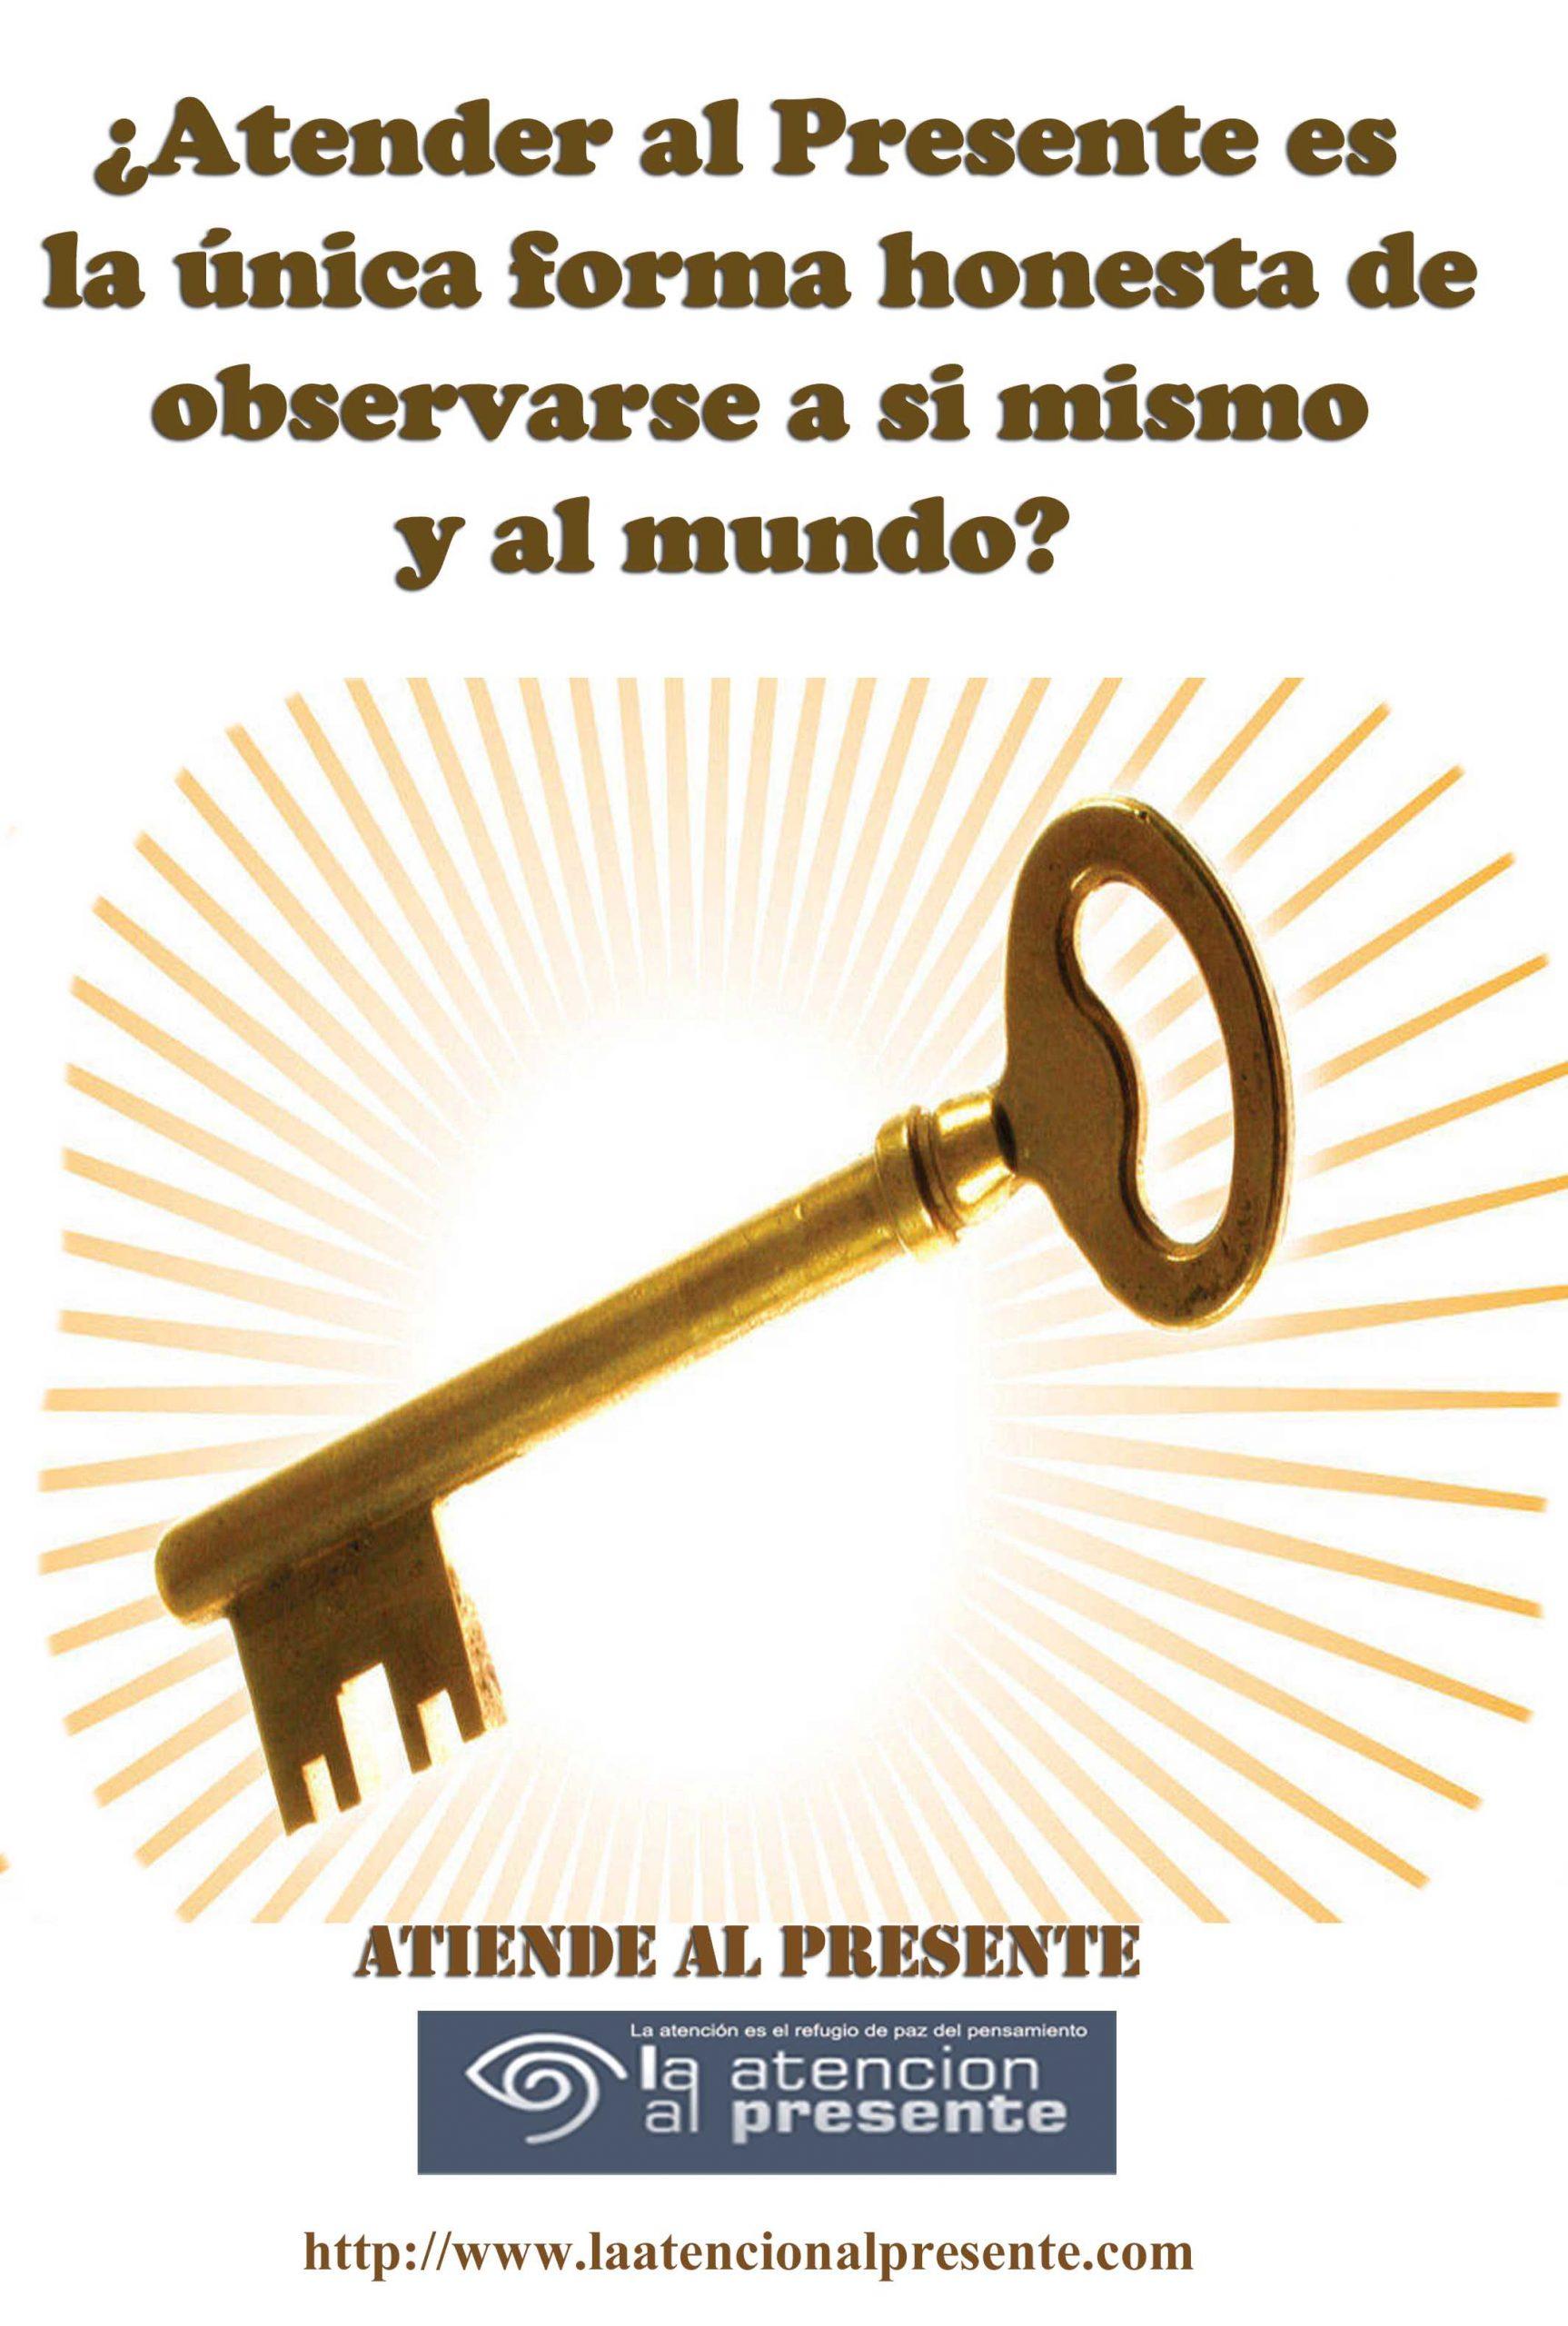 8 de Abril Esteban Atender al Presente es la unica forma honesta de verse a si mismo y al mundo scaled